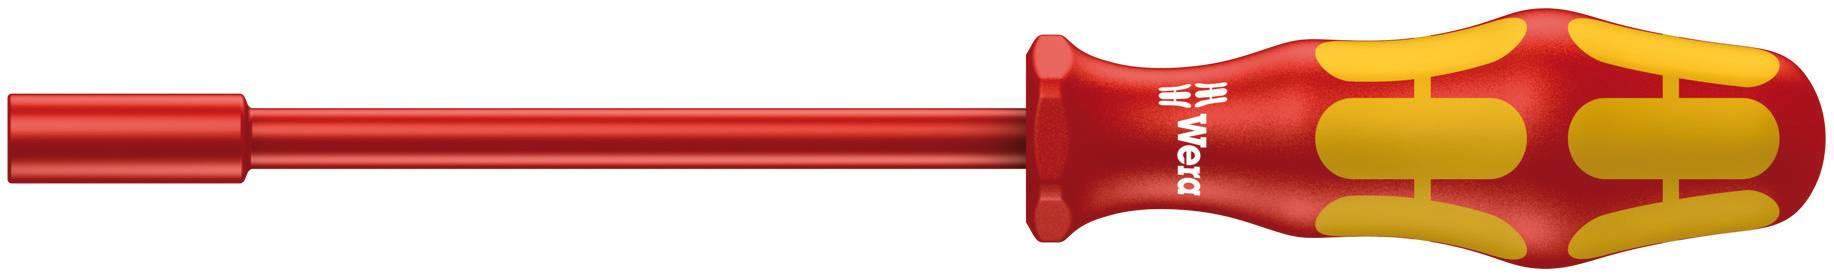 Šestihranný nástrčný klíč VDE Wera, 11 mm